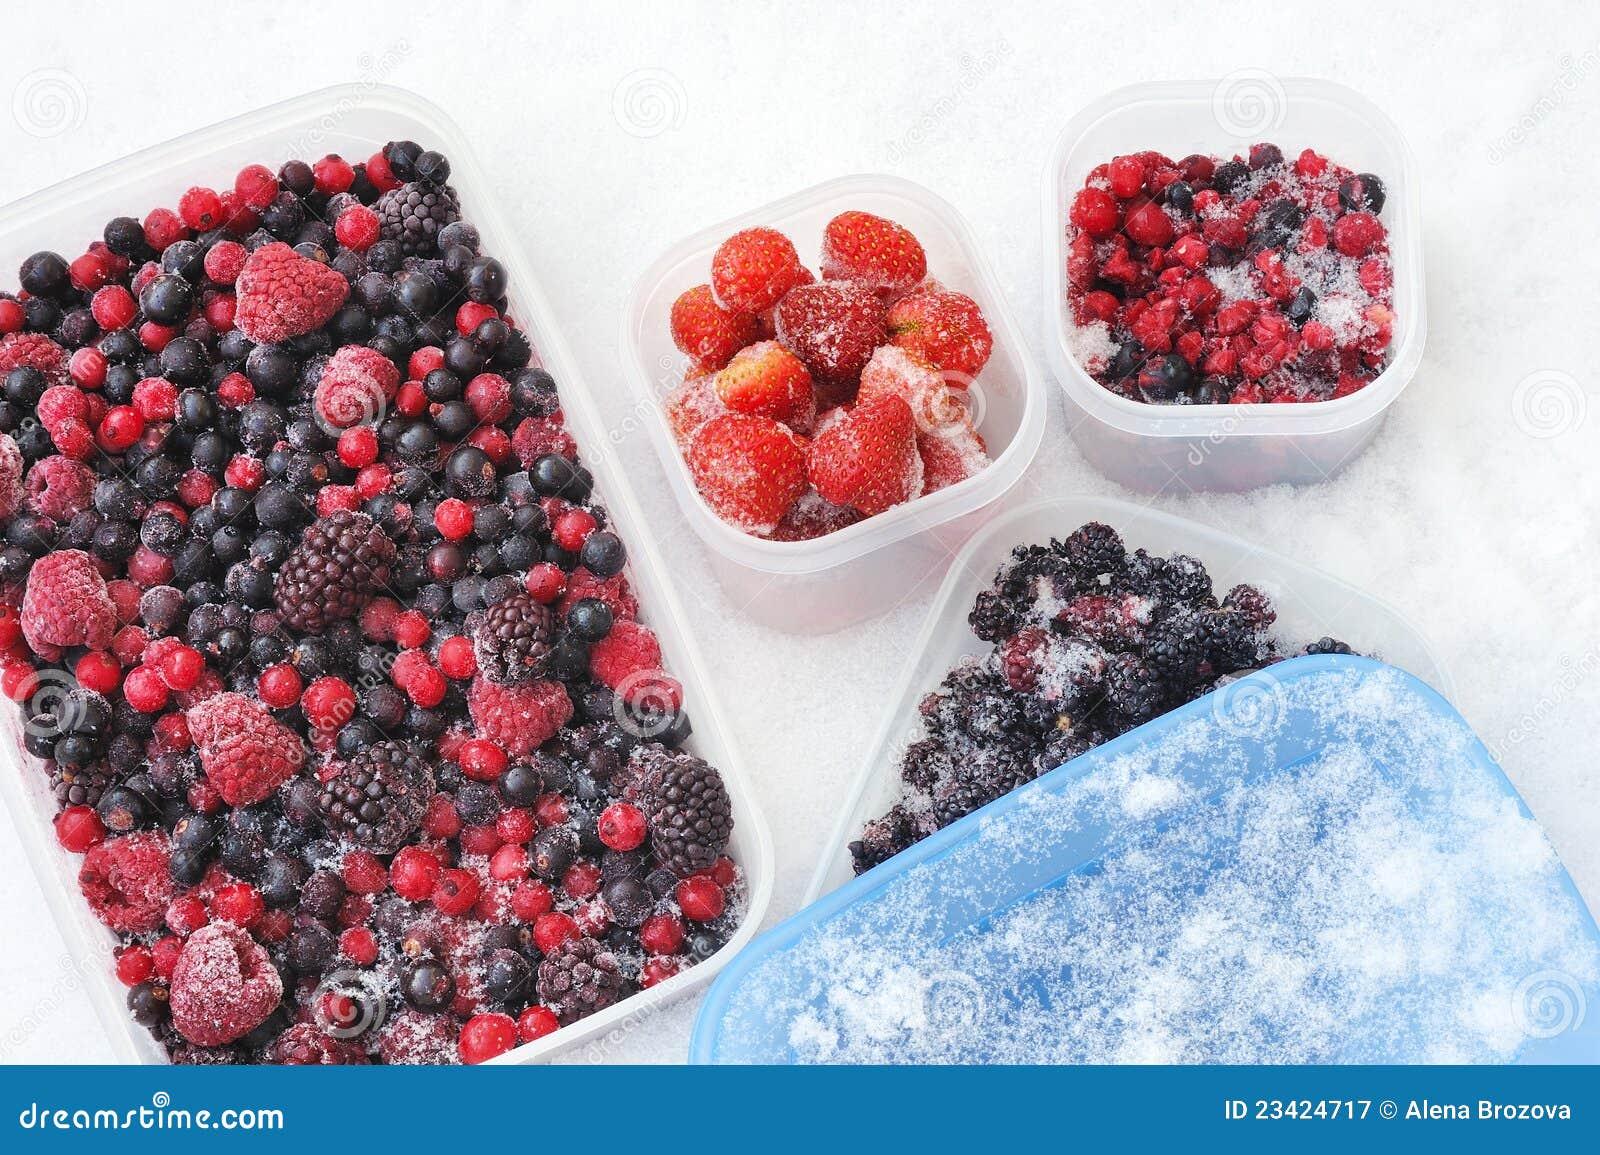 浆果容器冻结的混杂的塑料雪